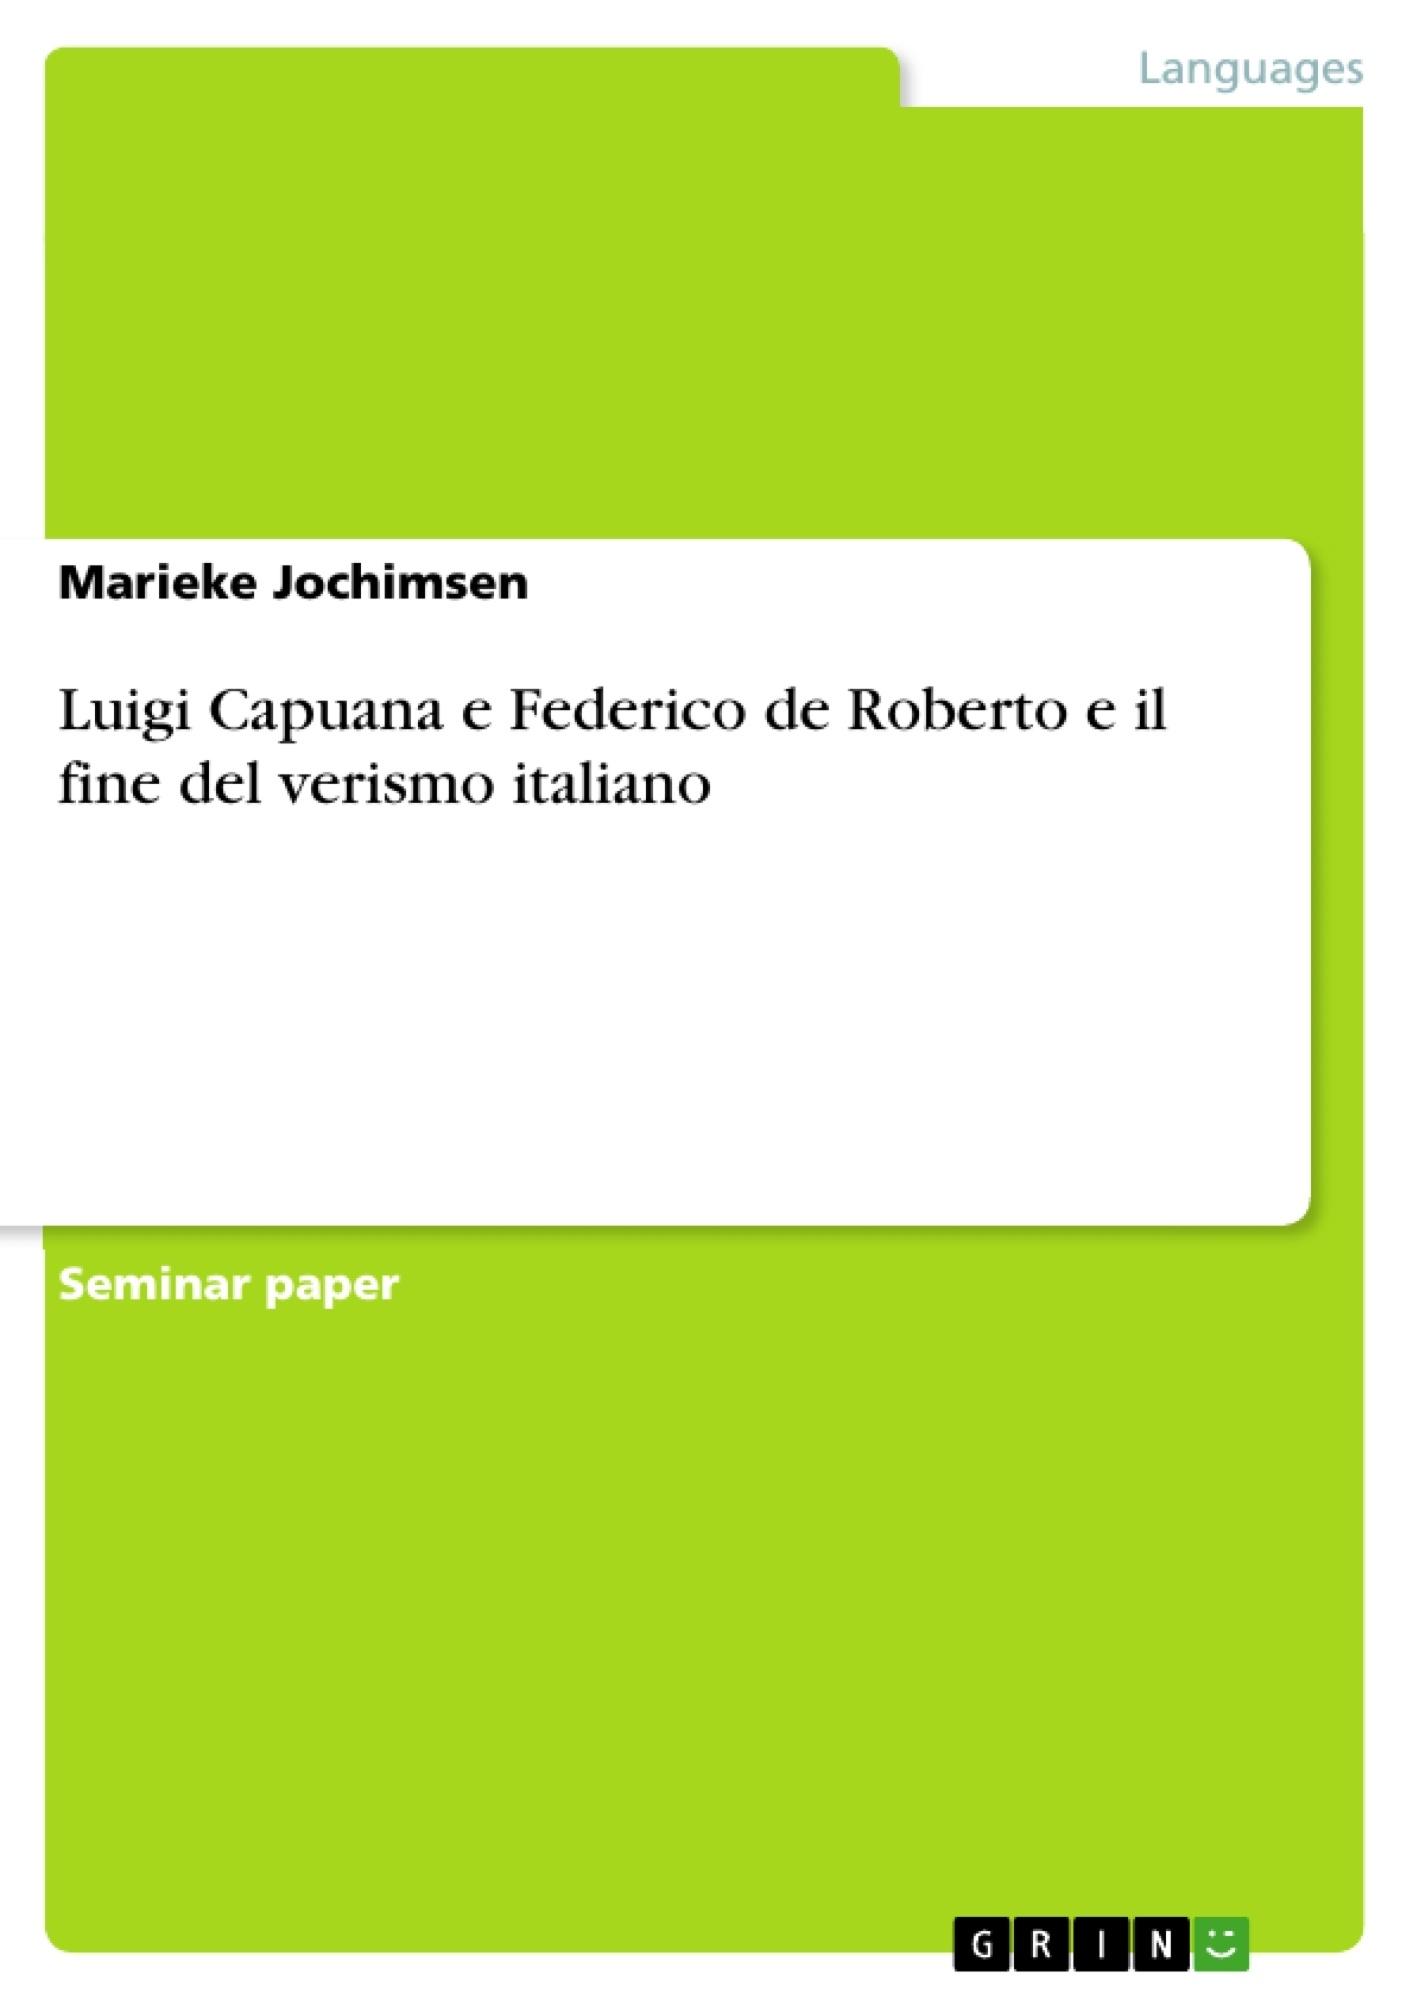 Title: Luigi Capuana e Federico de Roberto e il fine del verismo italiano